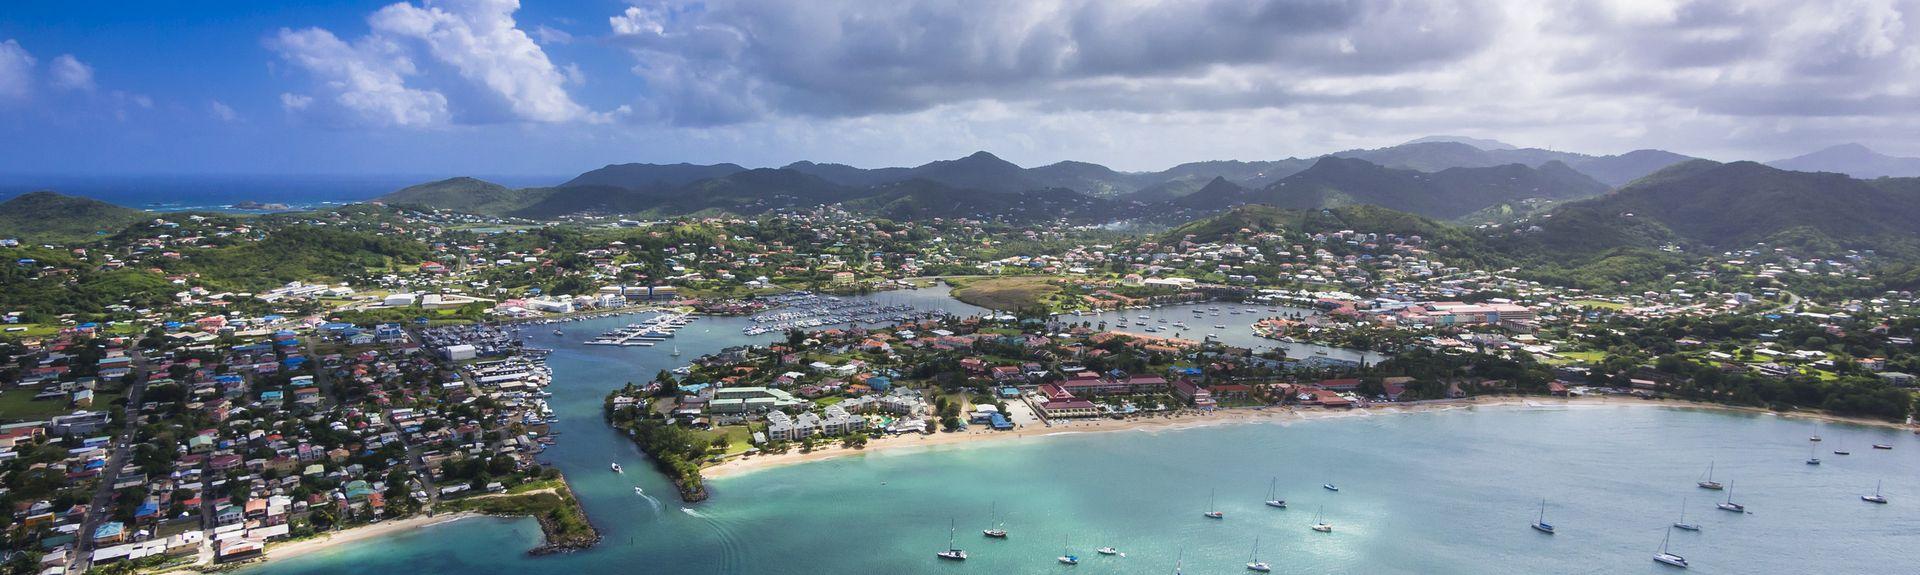 Cap Estate, Gros Islet, St. Lucia